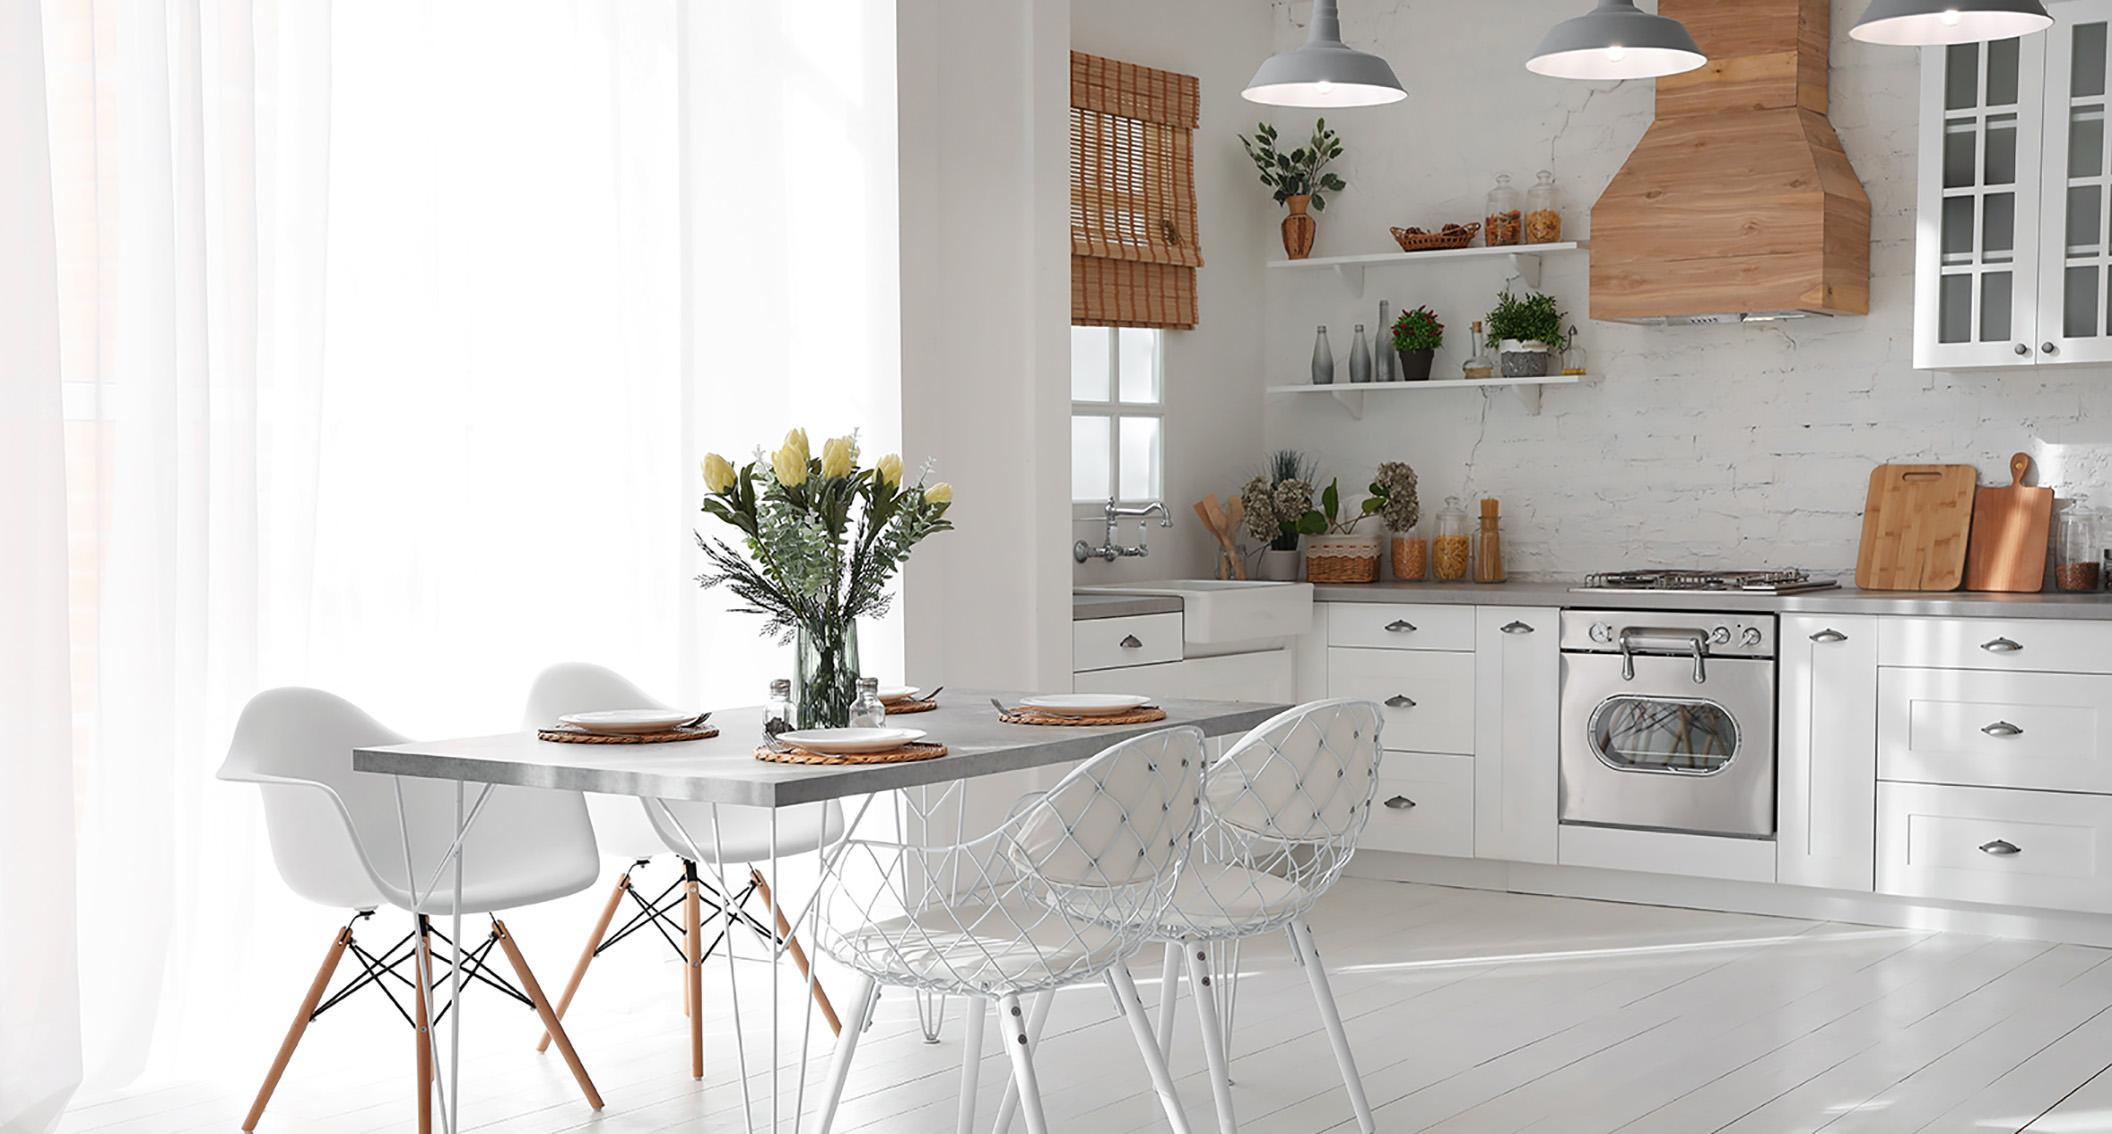 Nettoyer Volet Roulant Vitre Fixe confinement - top 10 des petits travaux dans la maison